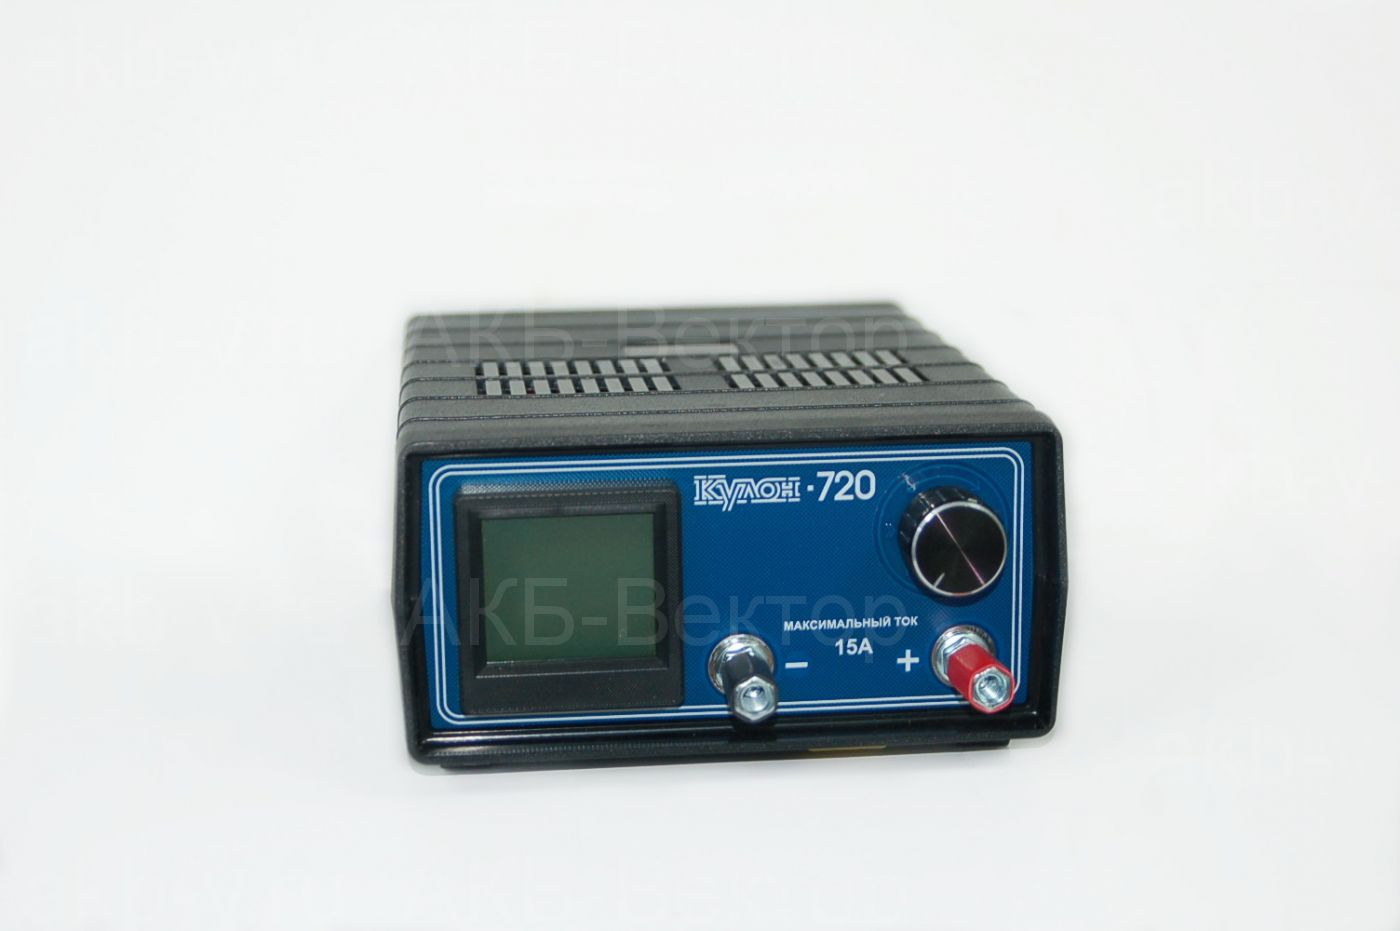 Кулон-720